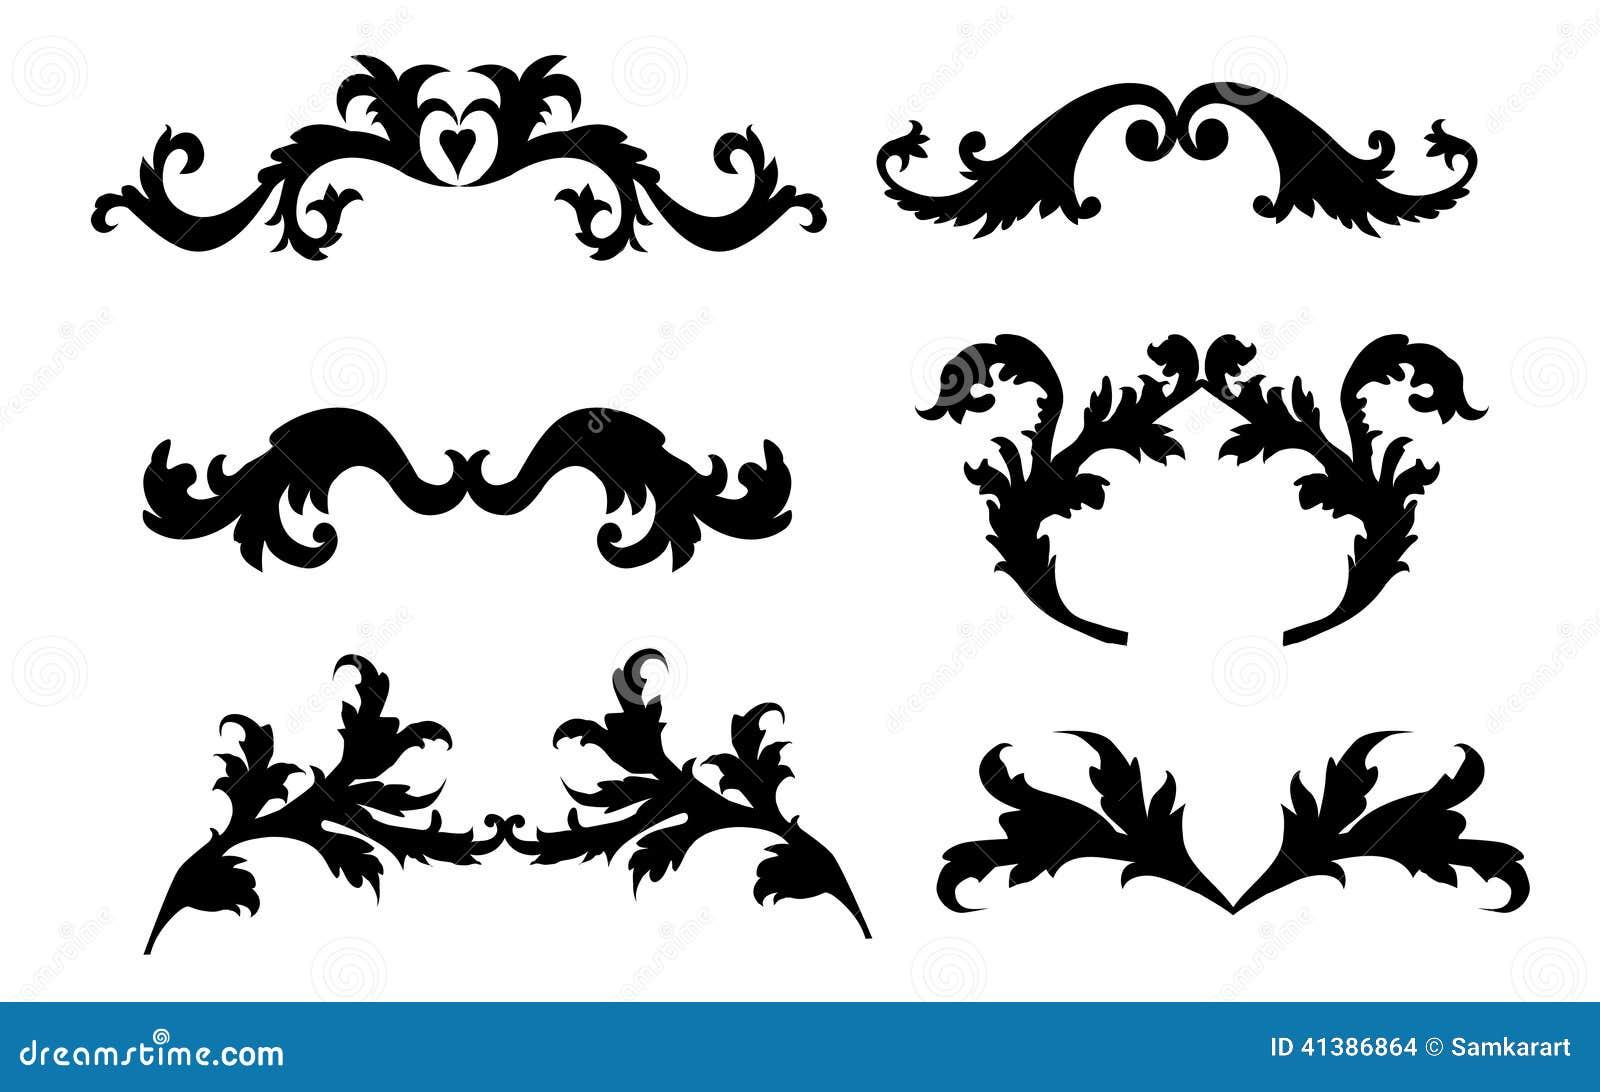 vintage style floral frame elements